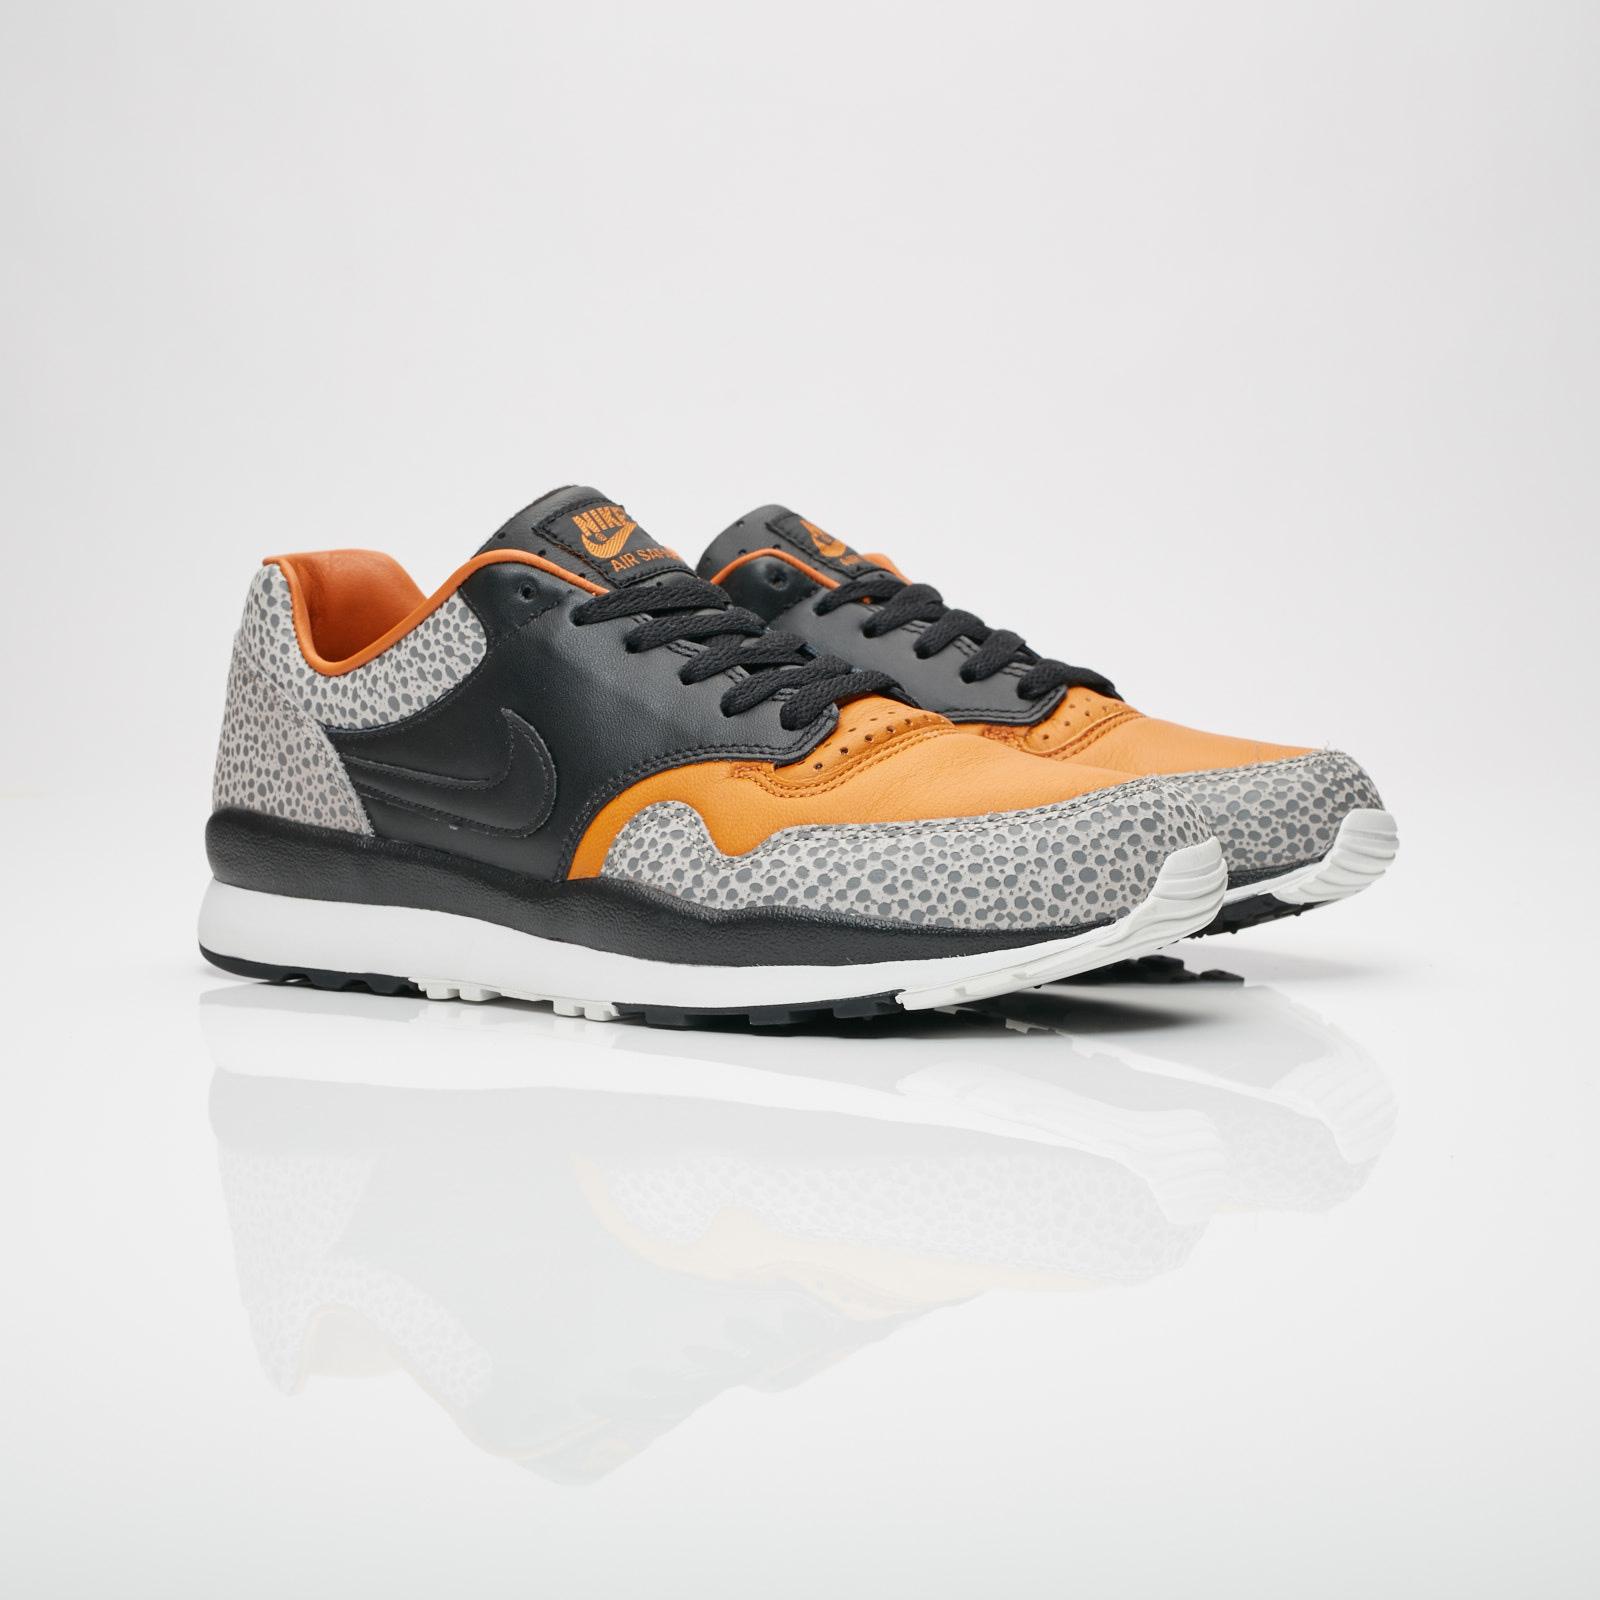 Nike Air Safari QS Ao3295 001 Sneakersnstuff | sneakers